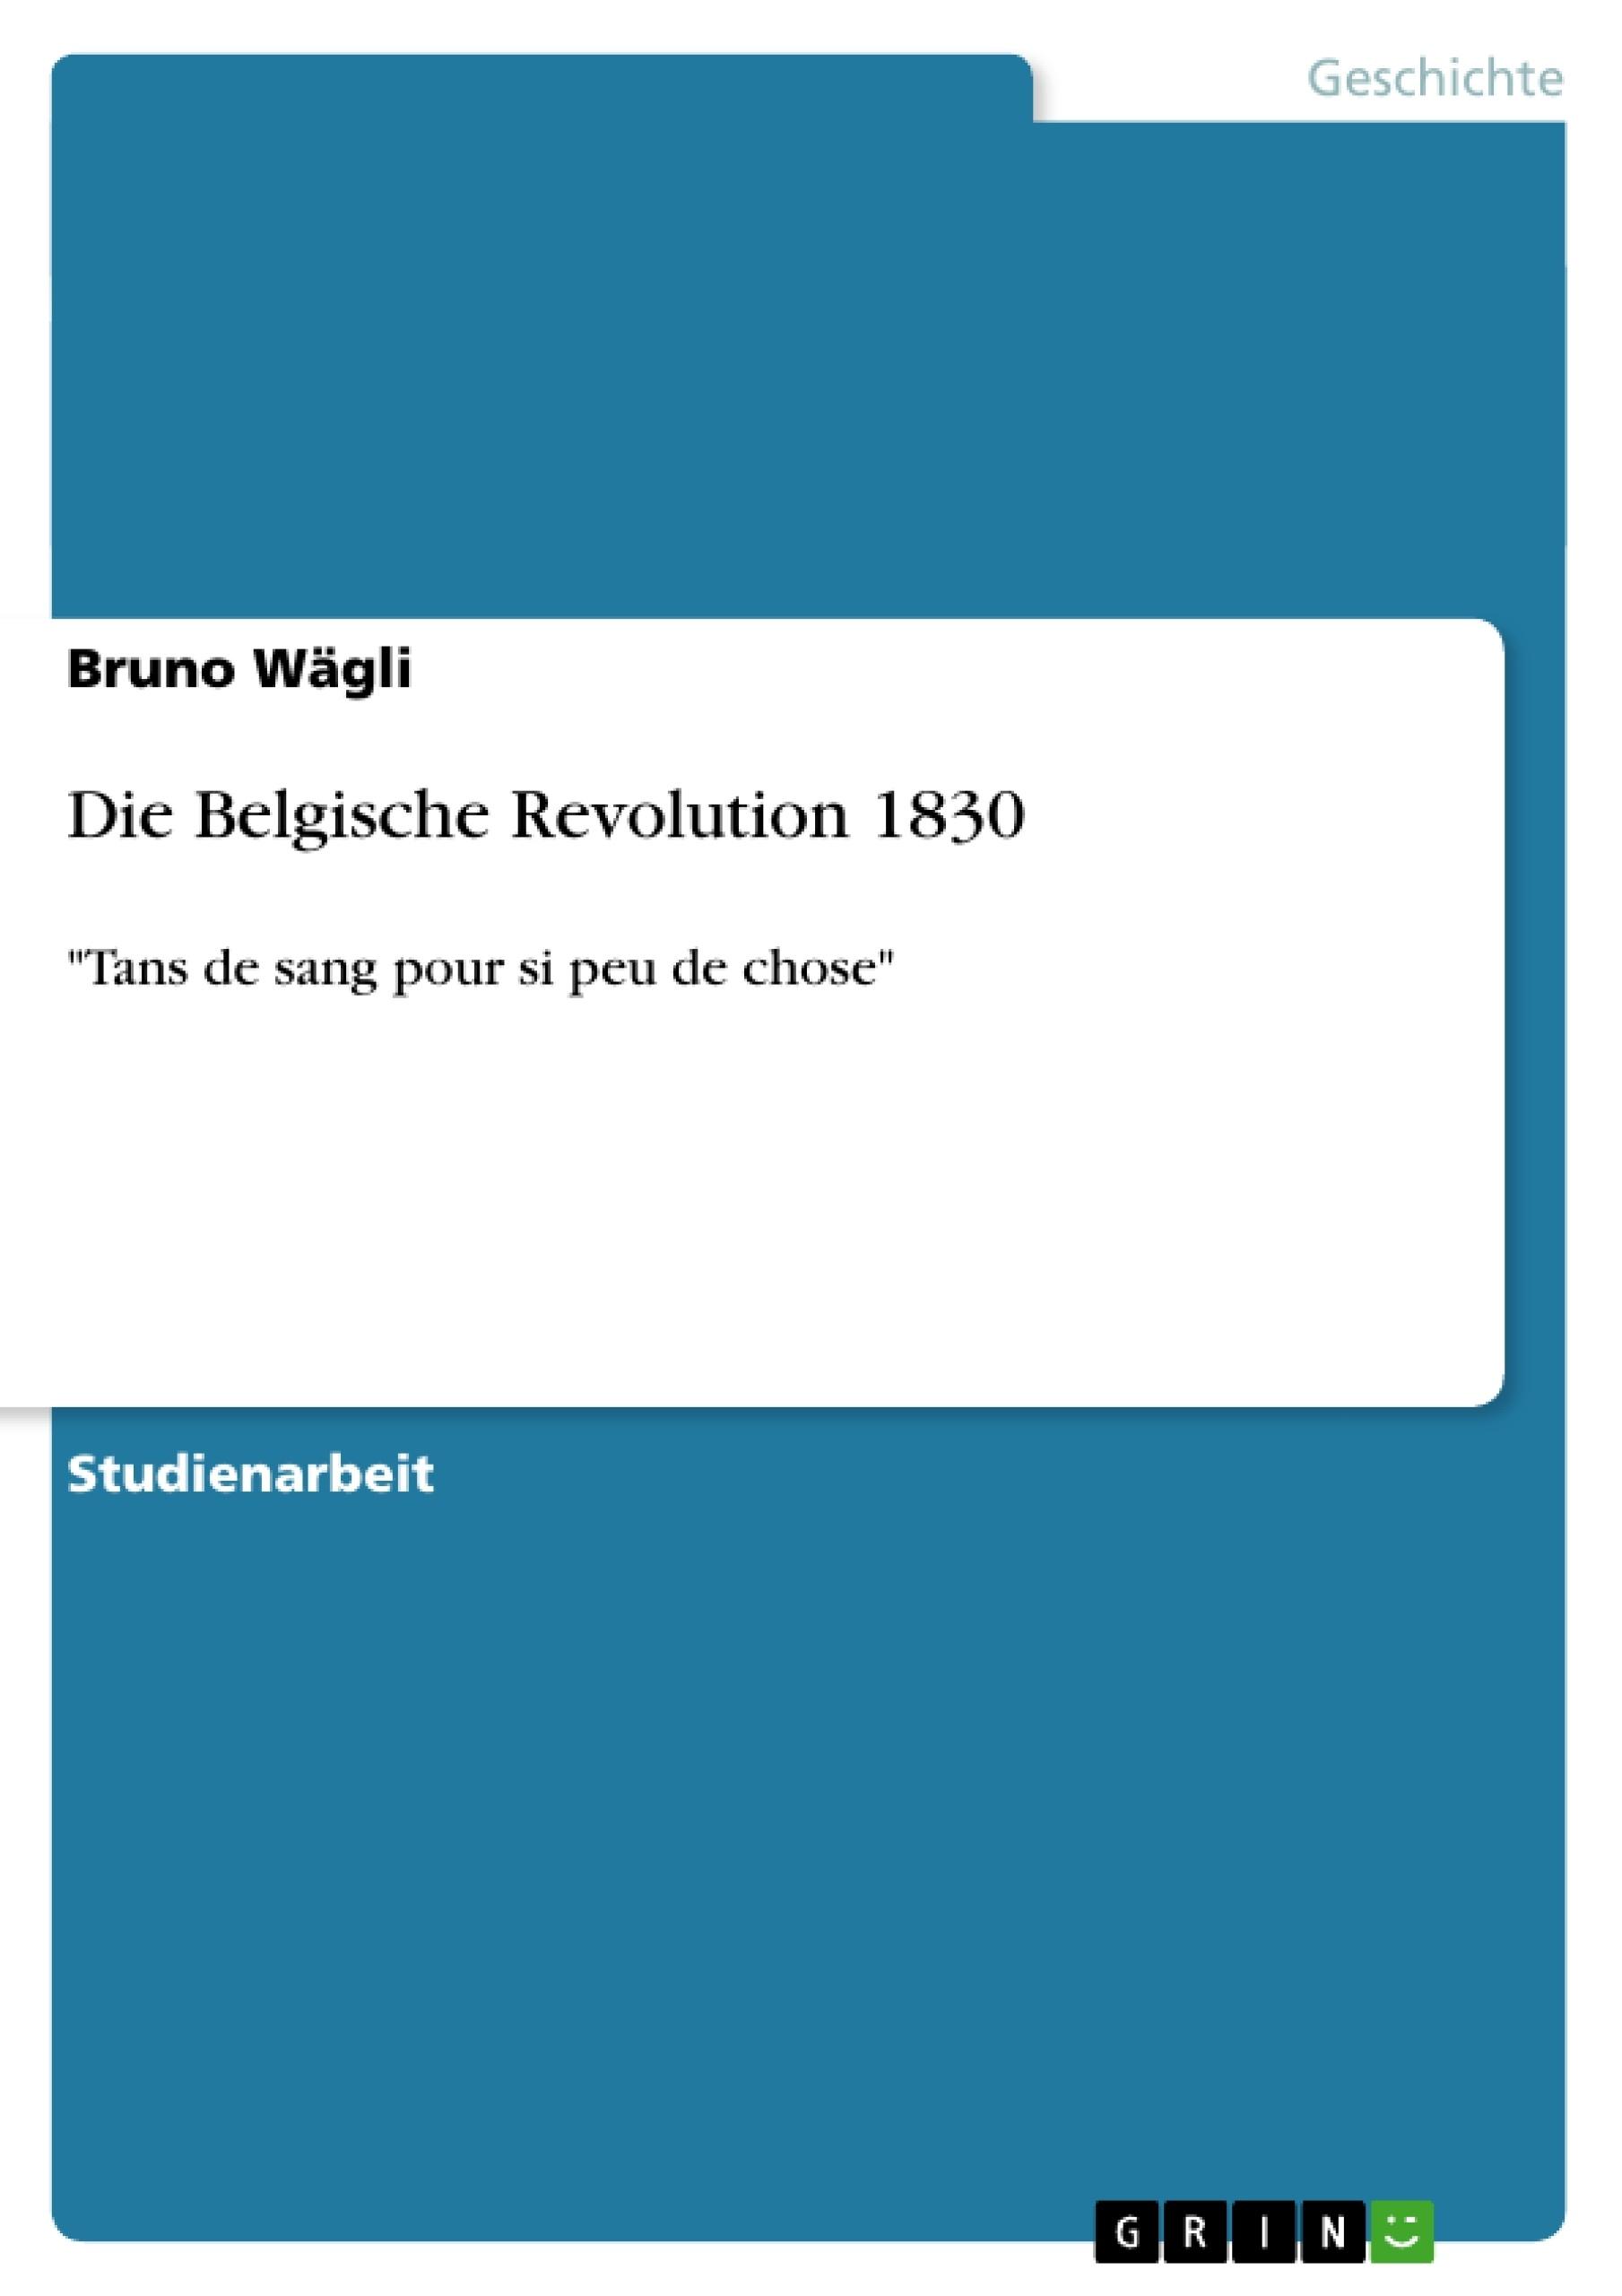 Titel: Die Belgische Revolution 1830